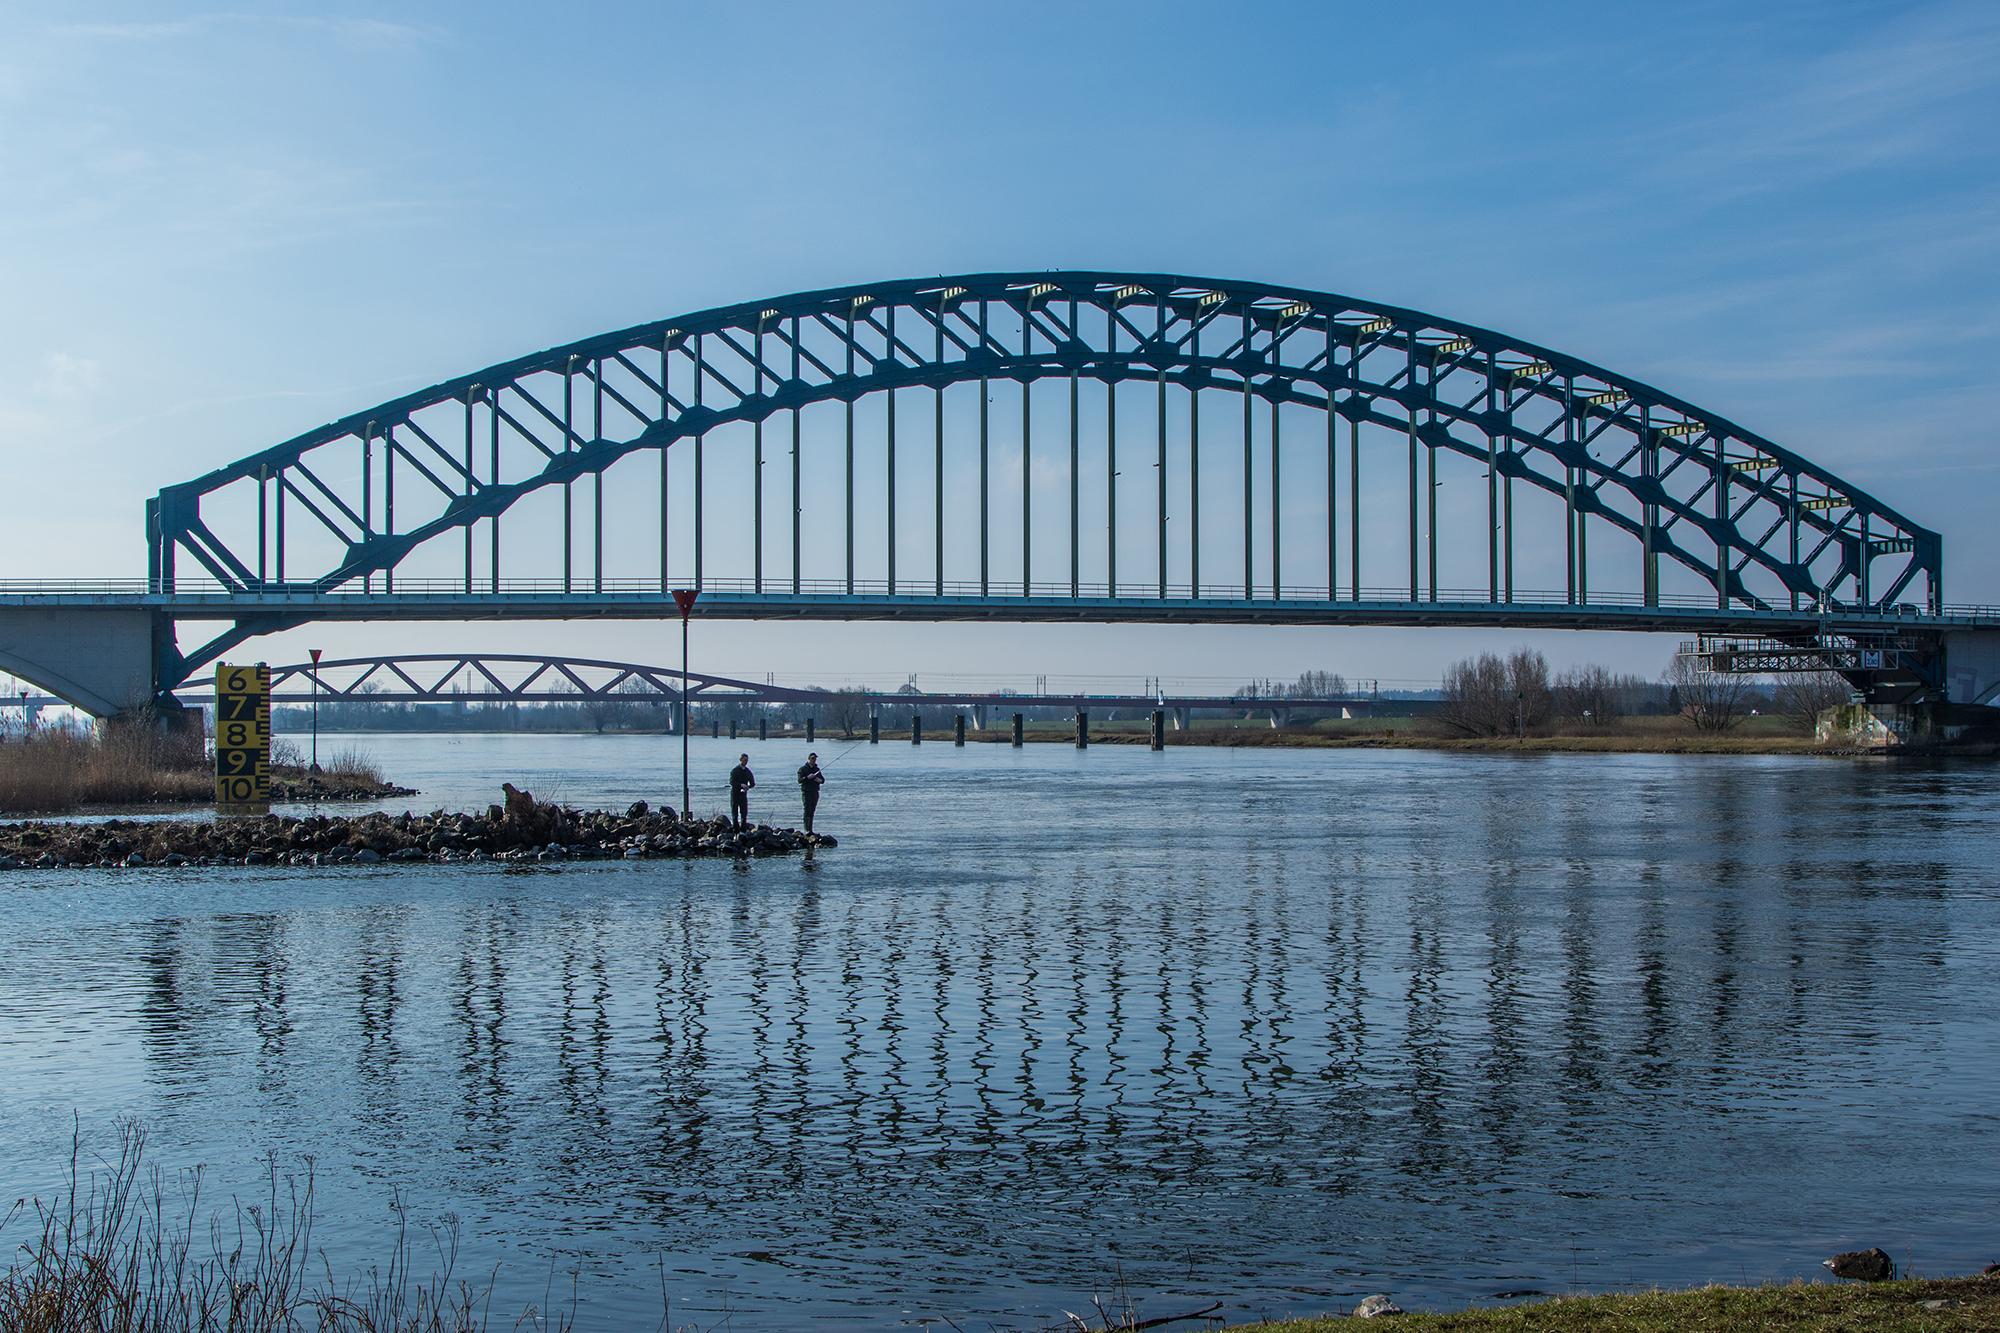 Foto: Diny Heidenrijk (bronvermelding verplicht bij overname) ijsselbrug